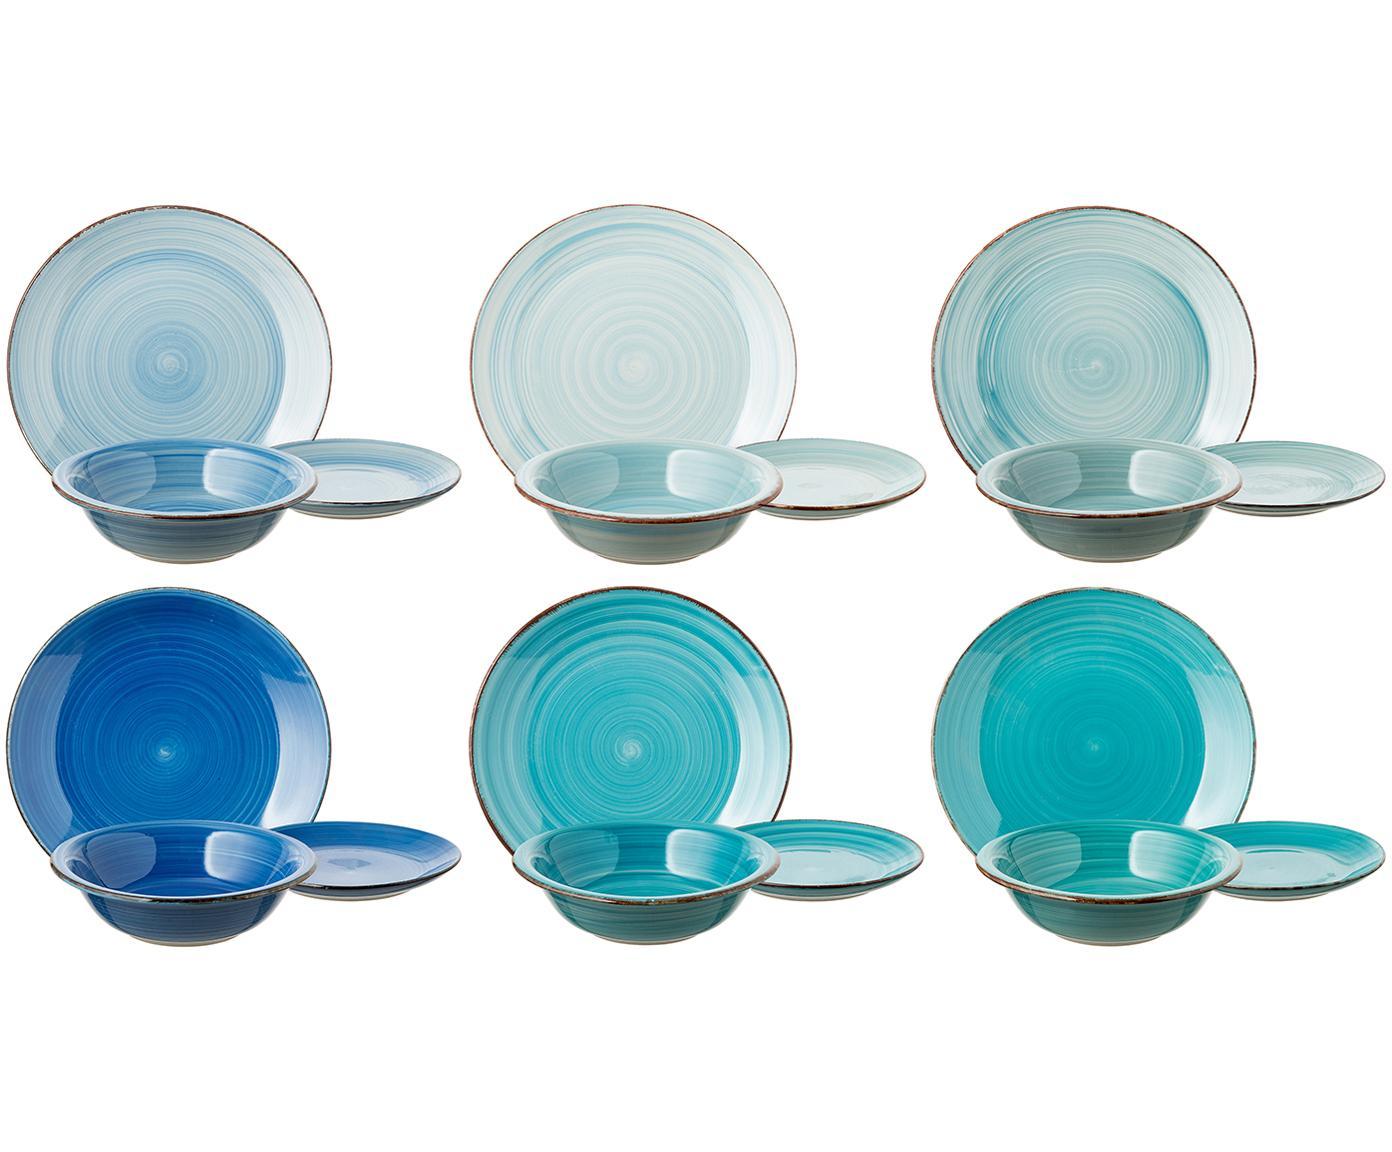 Vajilla Baita, 6comensales (18pzas.), Gres, pintadaamano, Tonos de azul, menta y turquesa, Tamaños diferentes